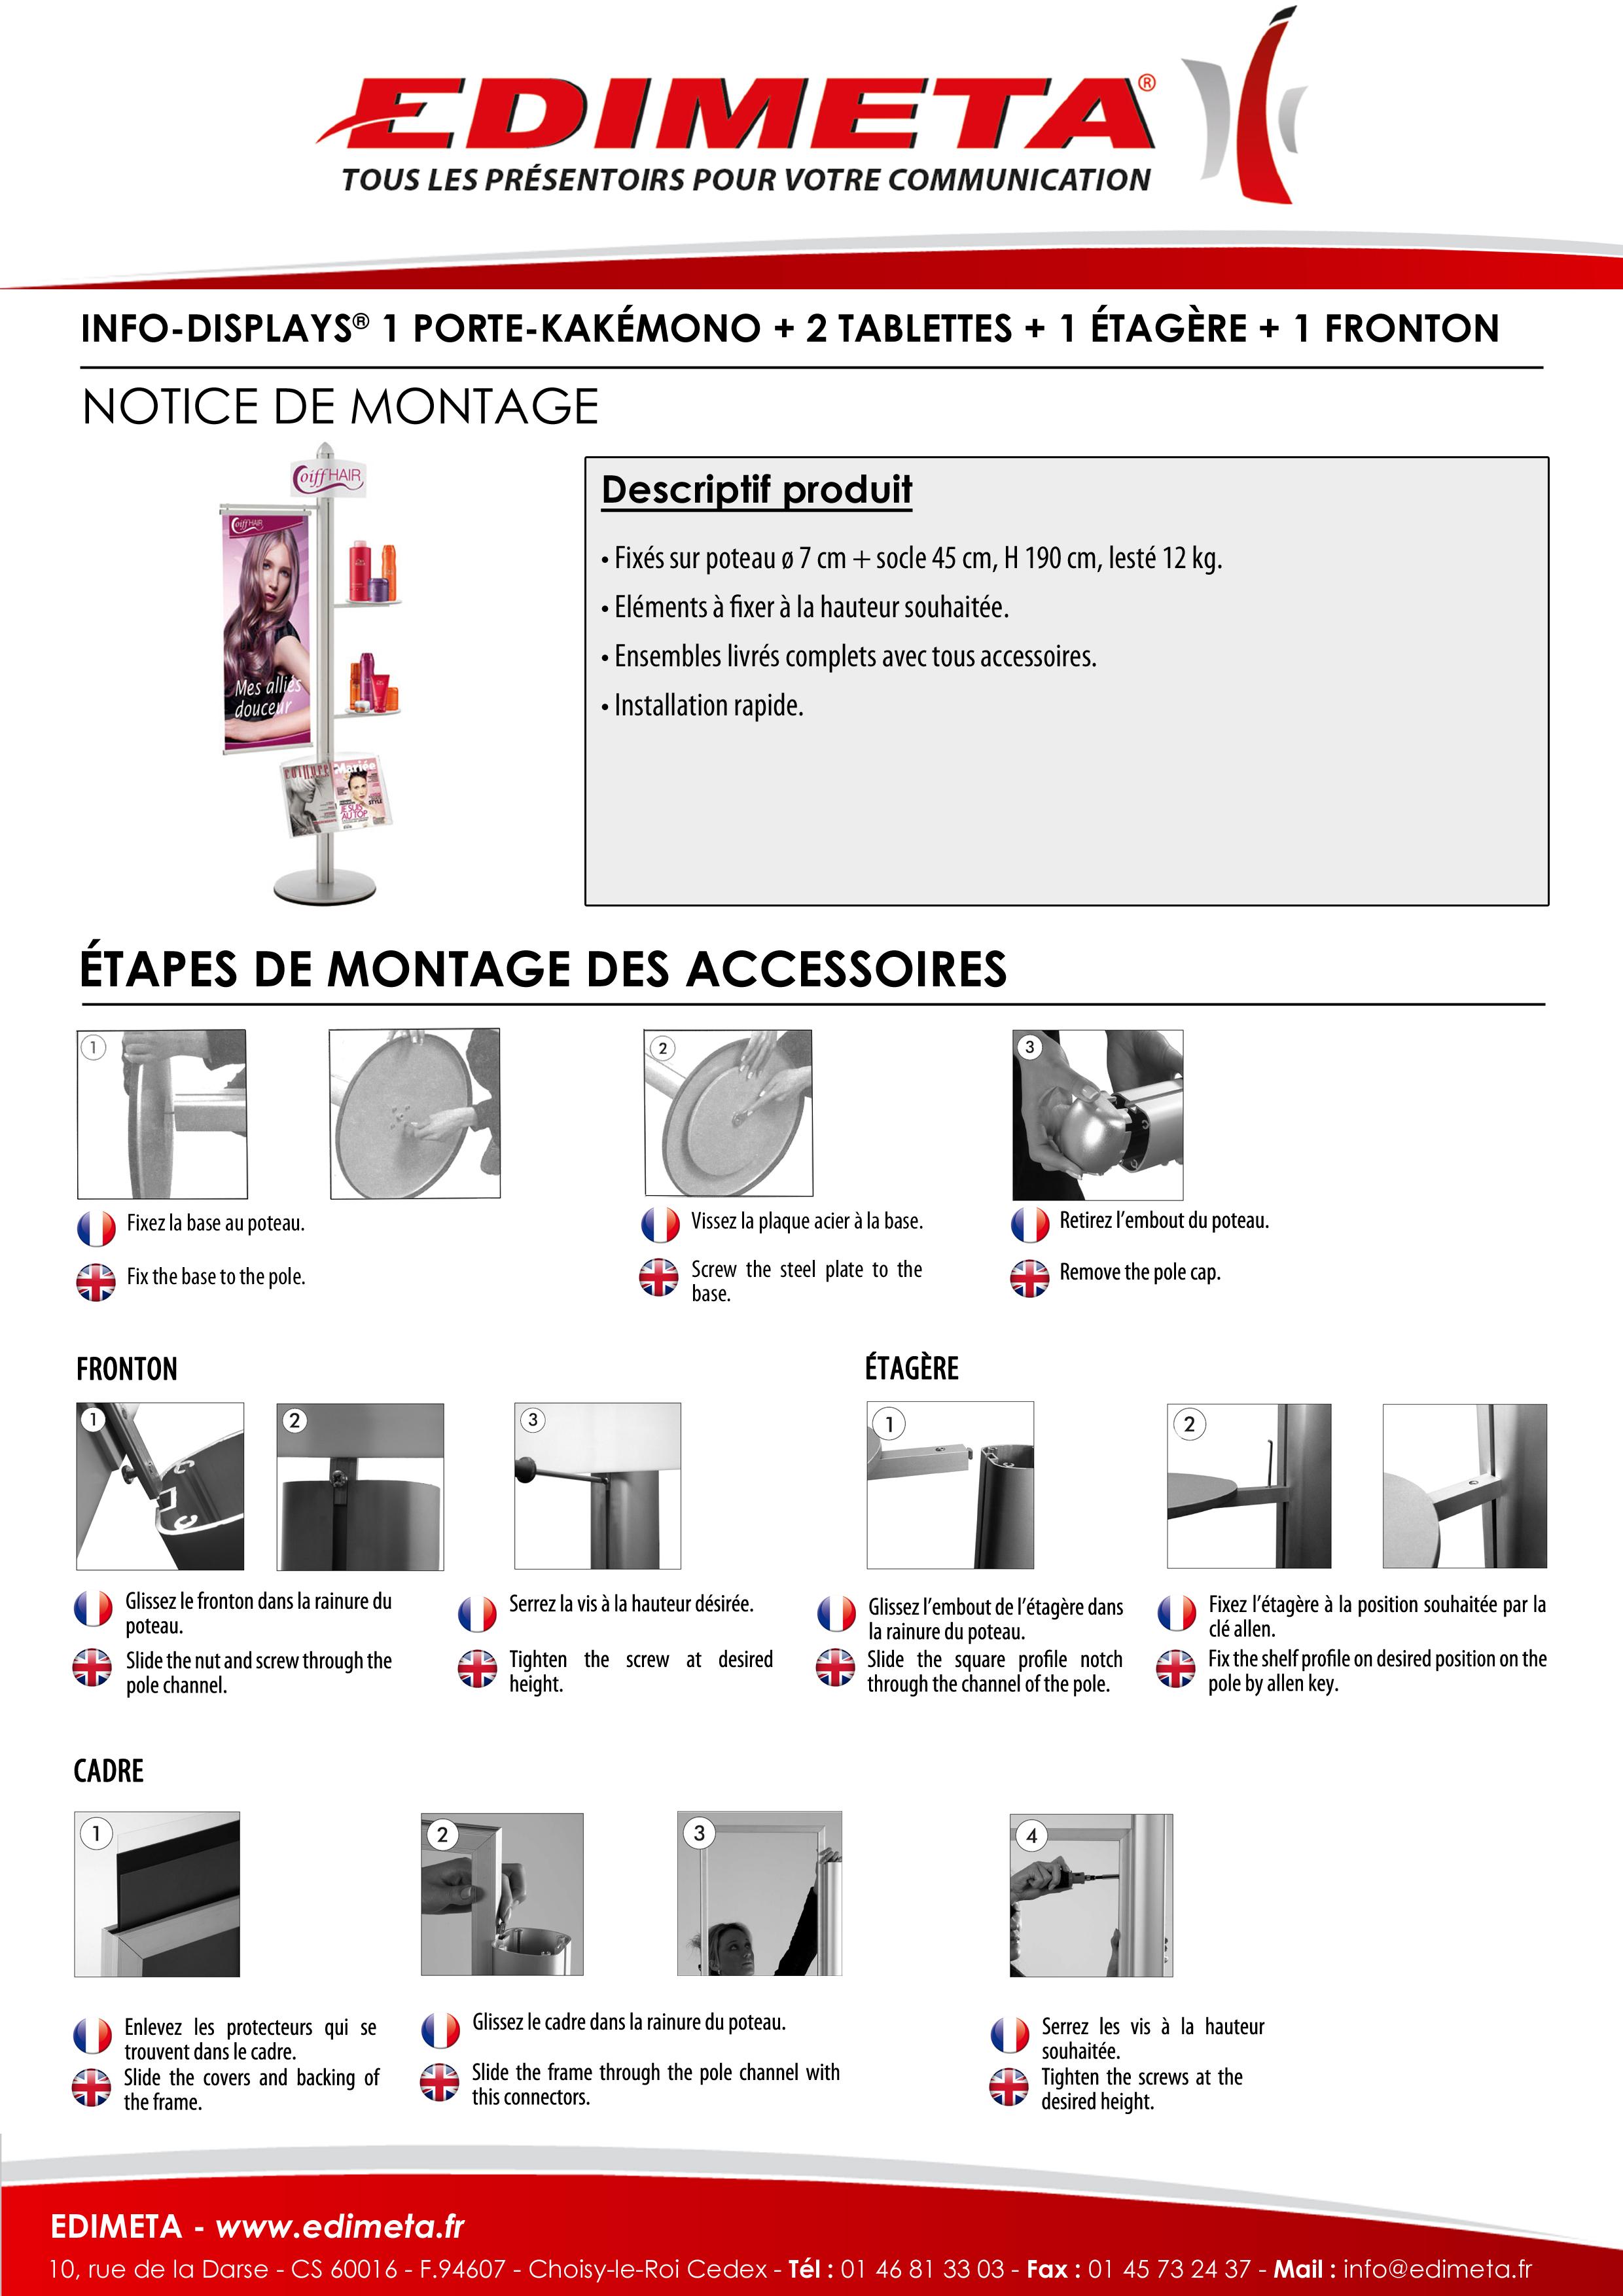 NOTICE DE MONTAGE : INFO-DISPLAYS® H 192 CM 1 PORTE-KAKÉMONO 40 CM + 2 TABLETTES + 1 ÉTAGÈRE + 1 FRONTON